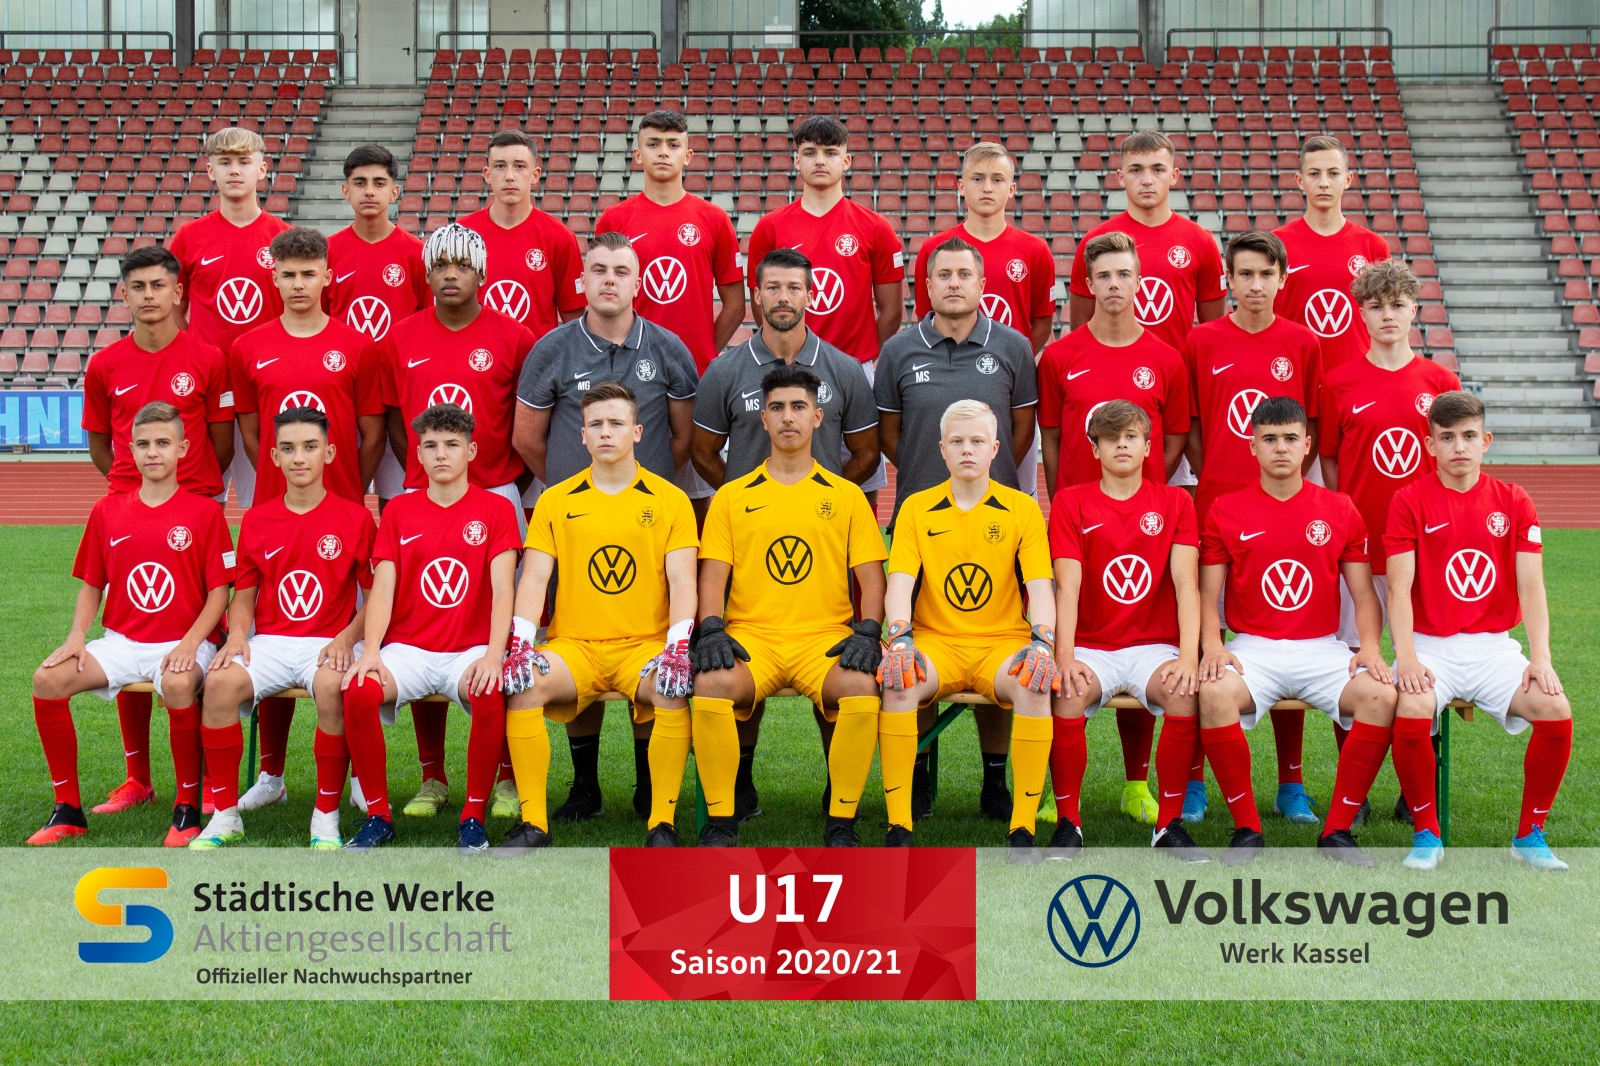 U17 Mannschaft 2020_21